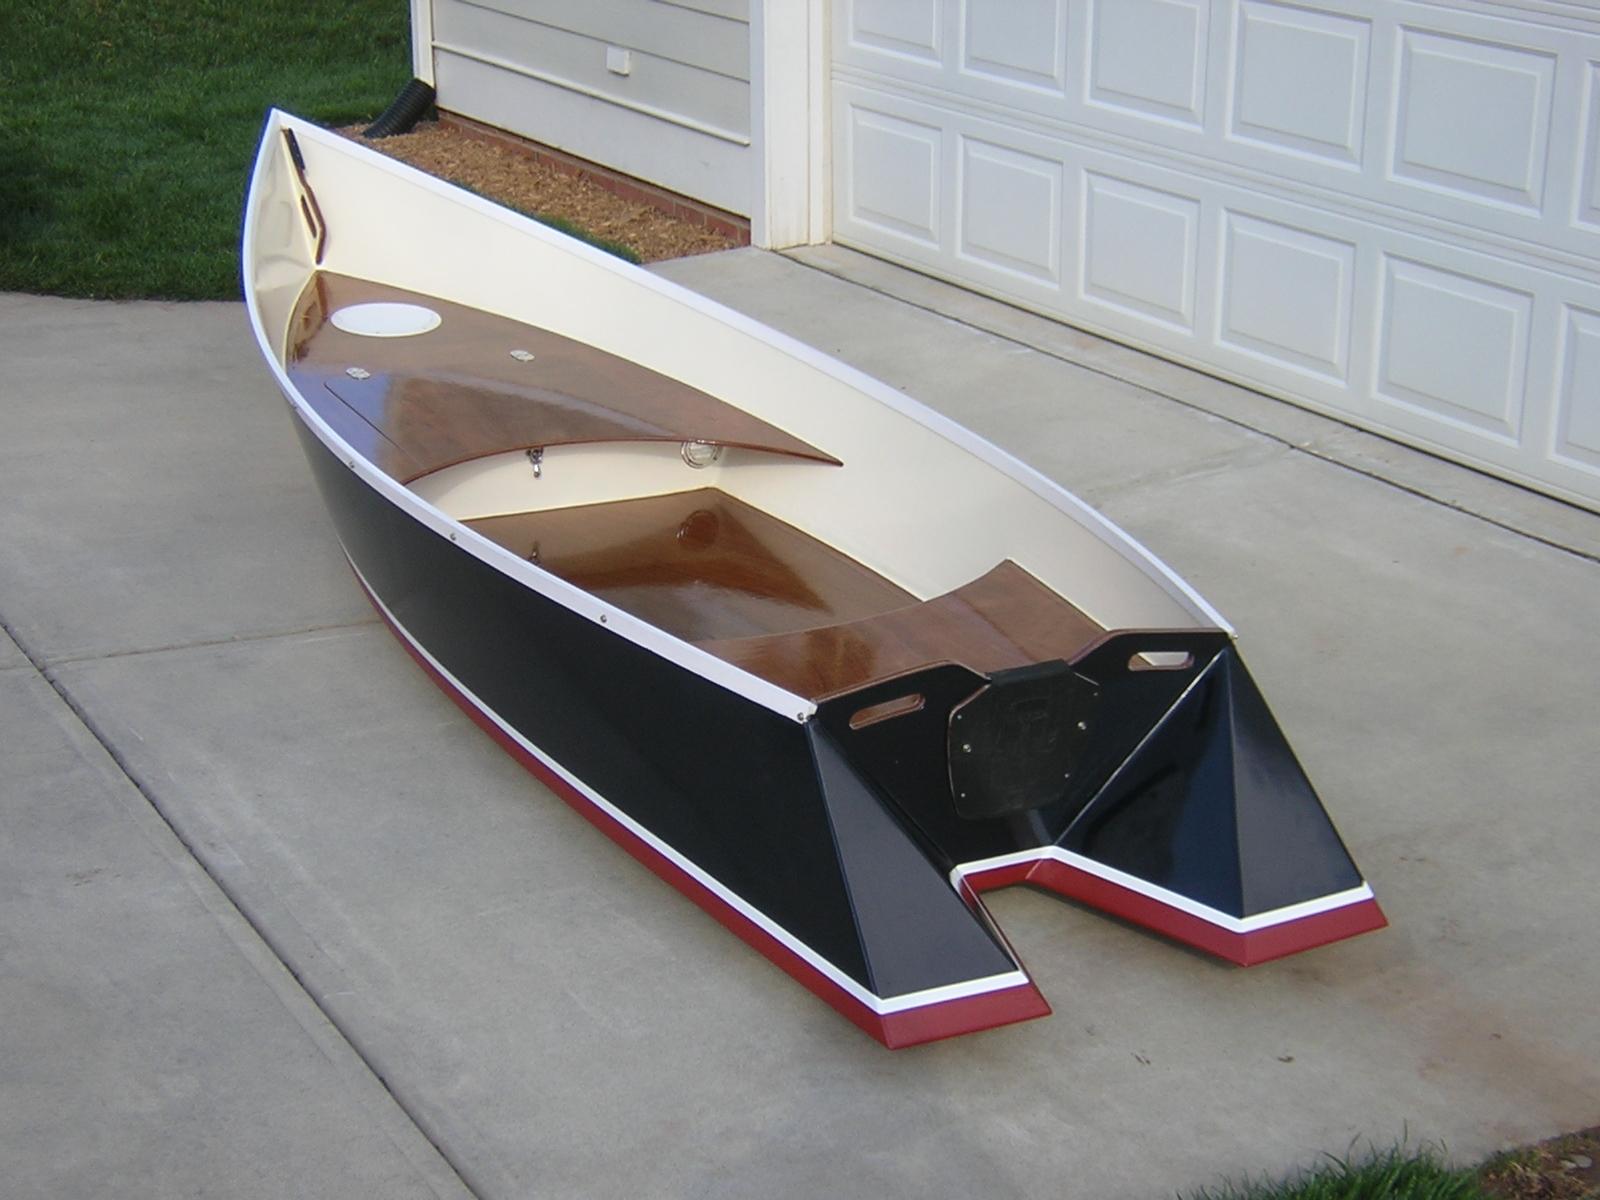 Как да си направим лодка? - Page 4 DSCN1824